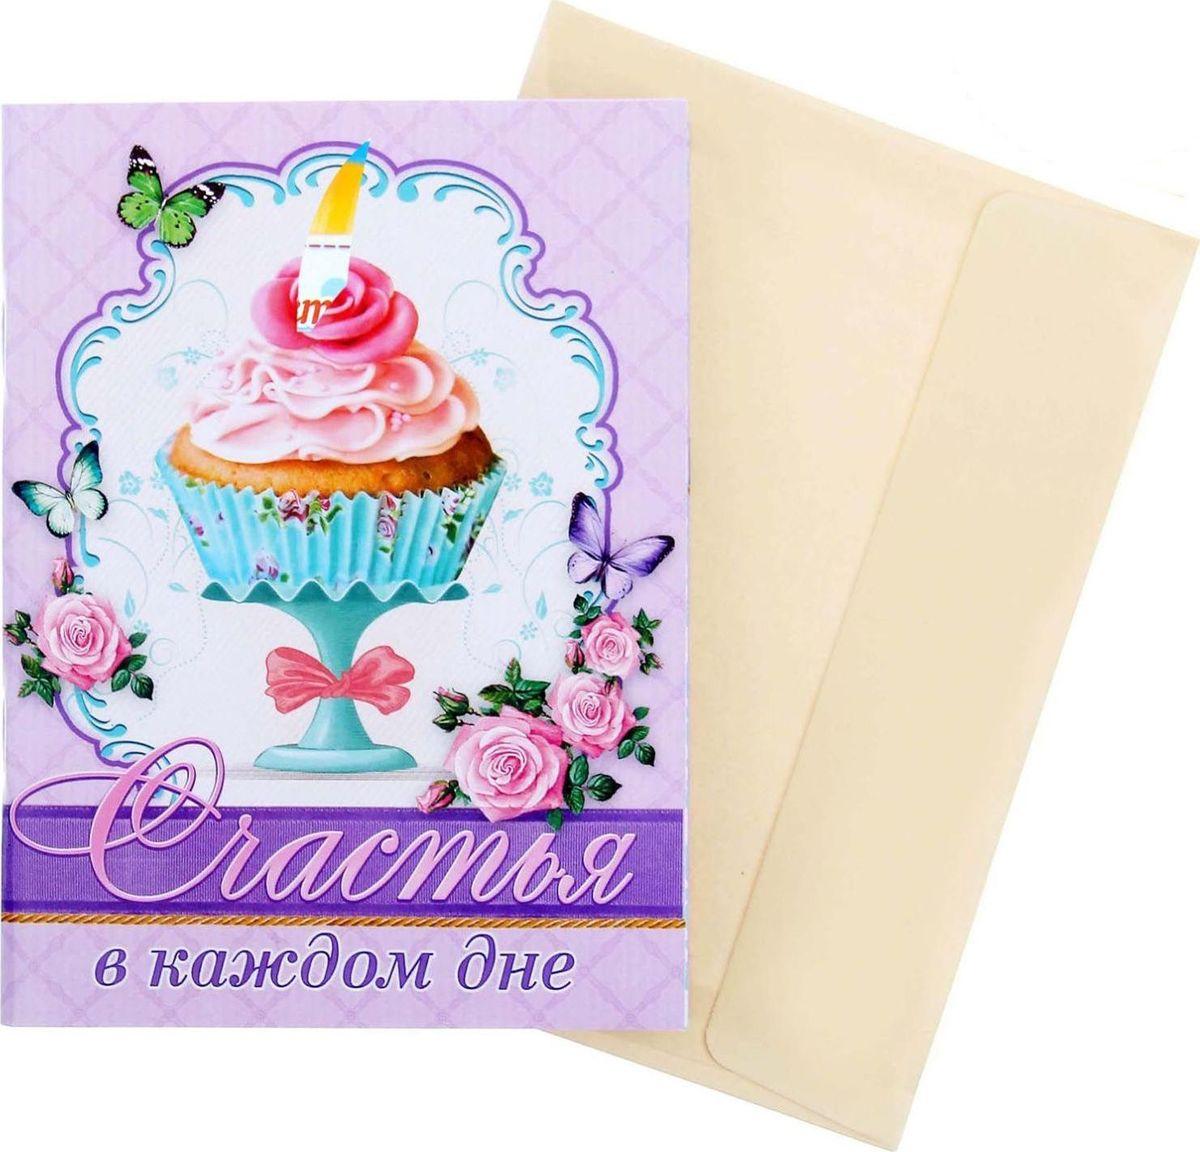 Блокнот-открытка Счастье 32 листа1104986Блокнот-открытка Счастье, 32 листа сочетает в себе красоту и практичность. Он содержит приятные пожелания от близких людей, а 32 дизайнерских листа с бархатной фактурой подарят отличное настроение владельцу. В отличие от обычной открытки, которая будет пылиться в шкафу, блокнотом приятно пользоваться! Изделие дополнено универсальным конвертом, подпишите его и вручите сувенир адресату на любой праздник.